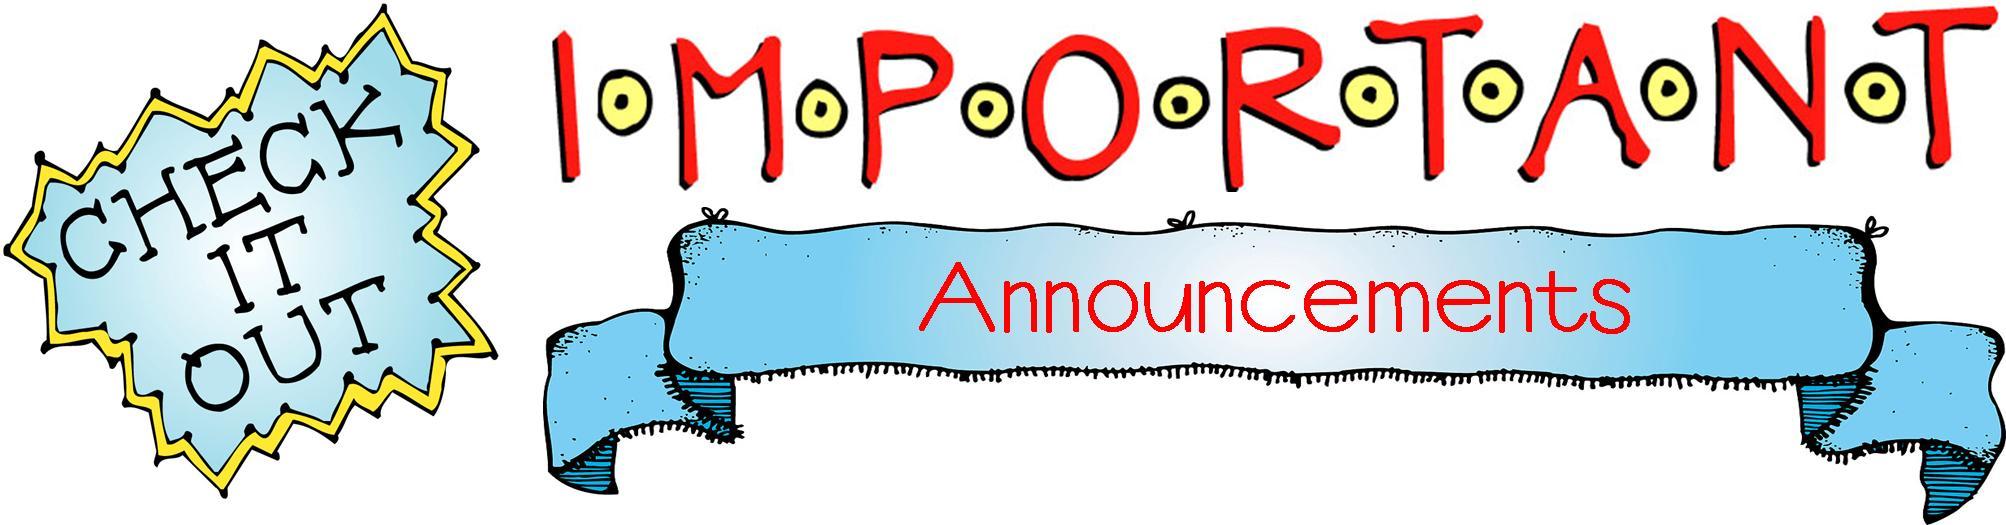 Announcement clipart annoucement. Images portal